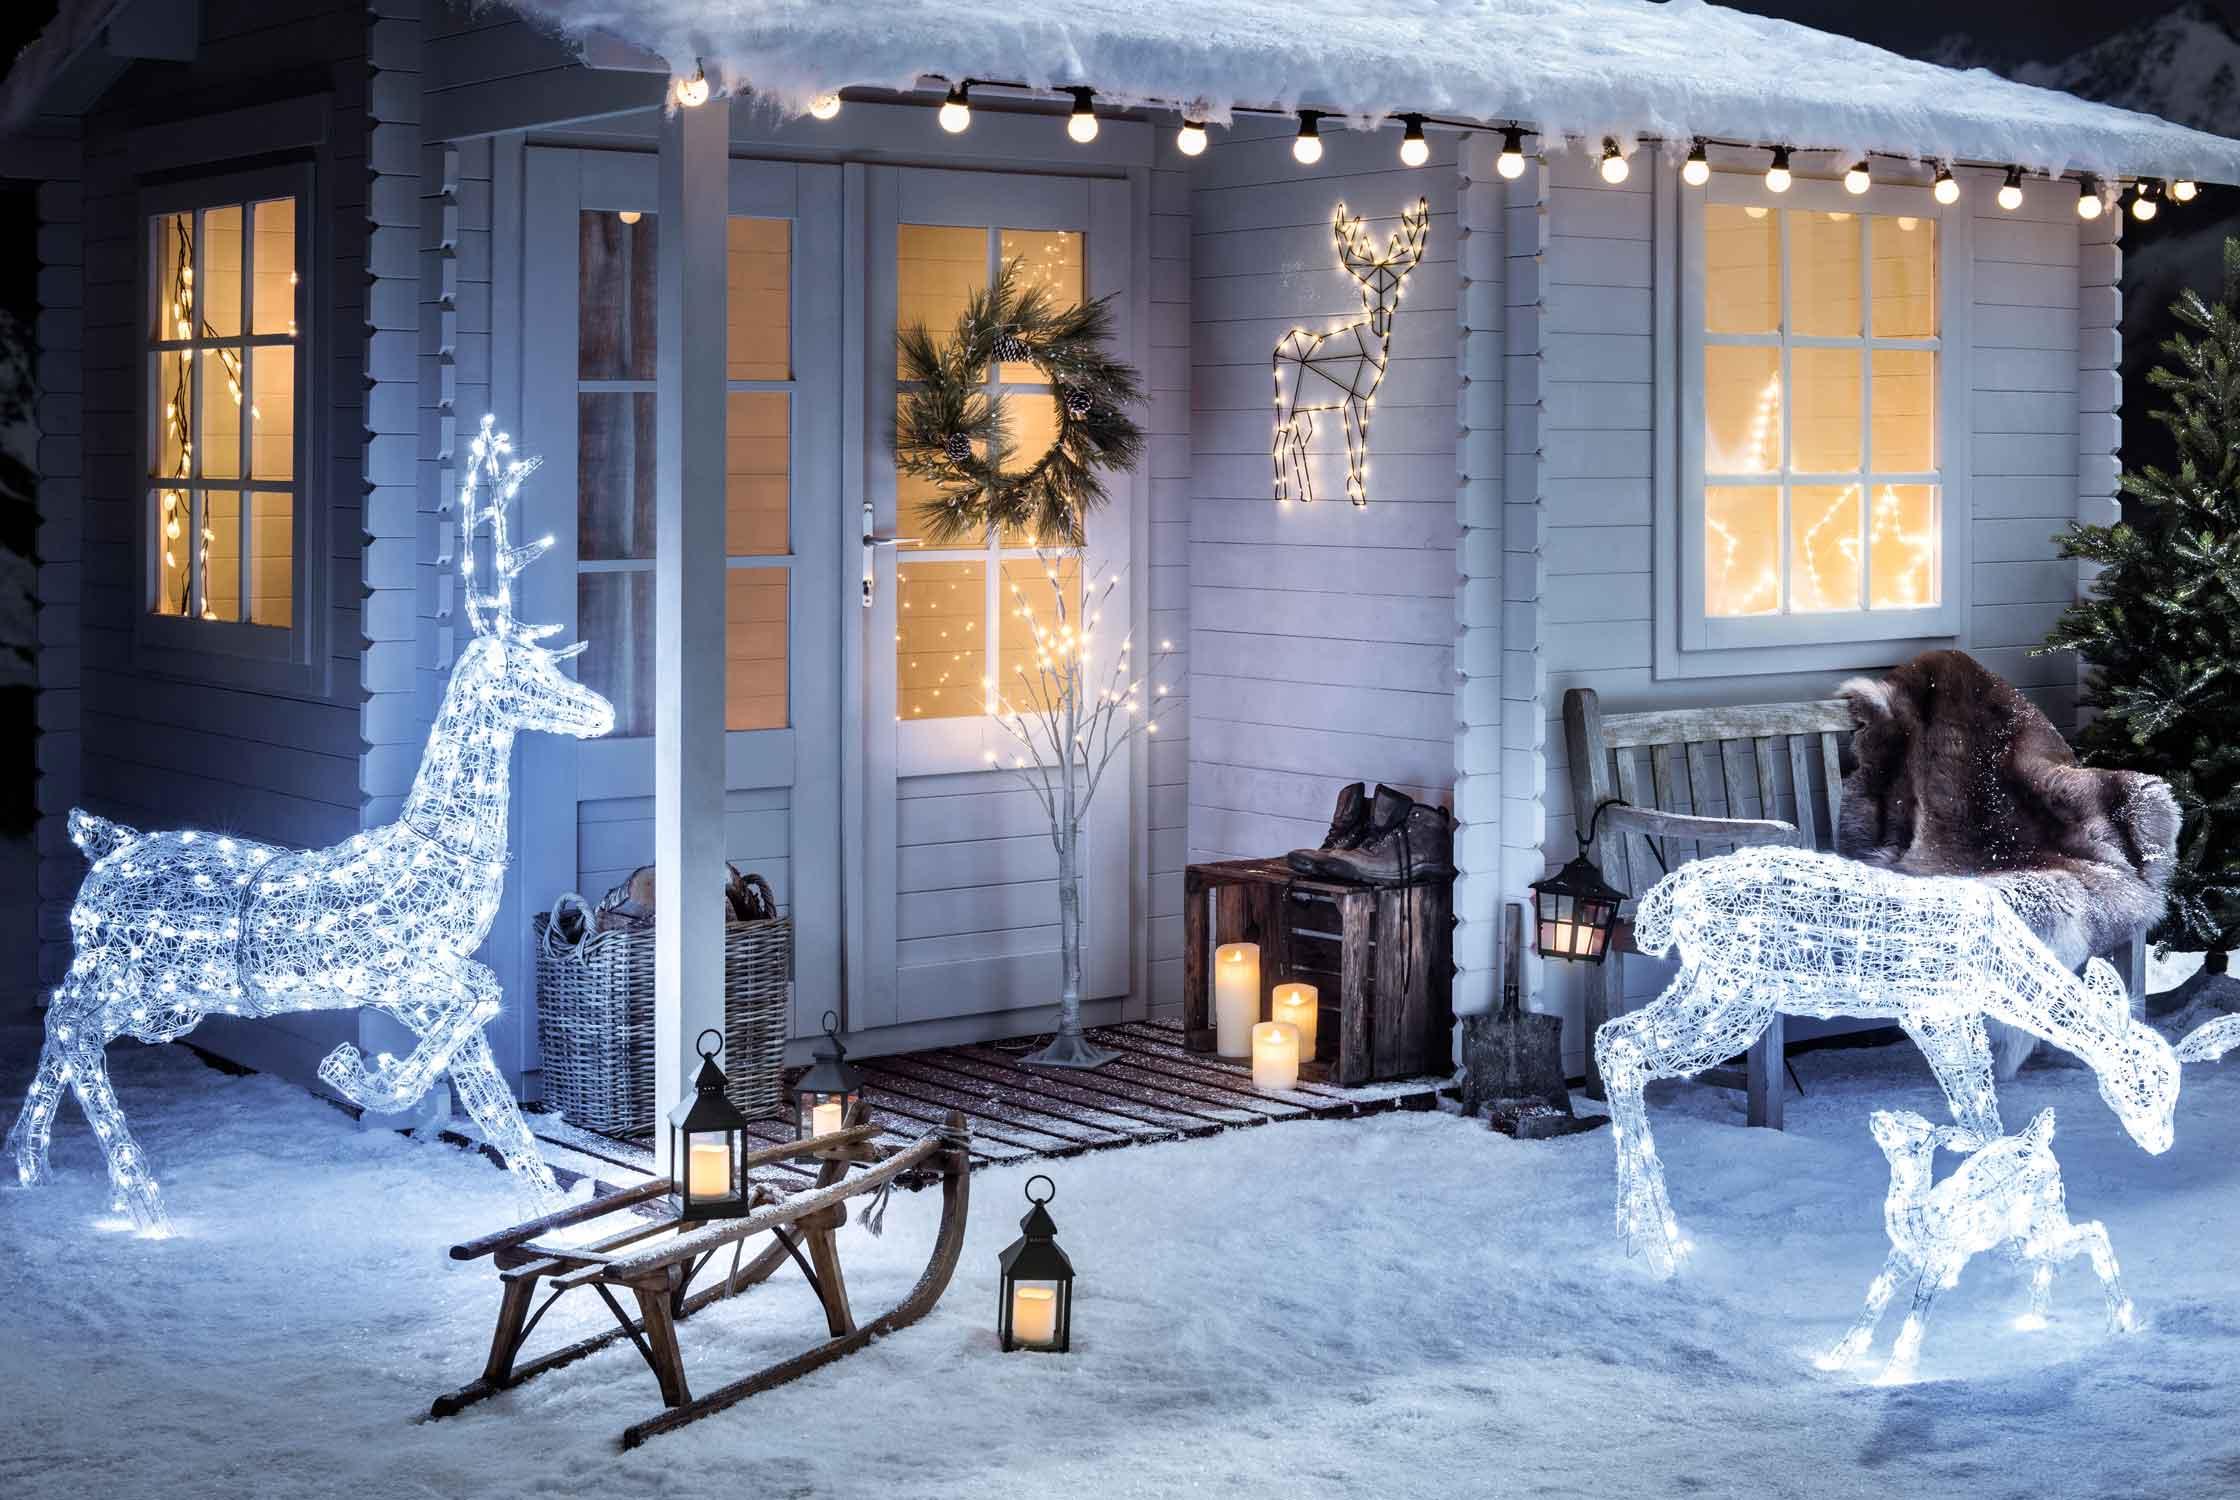 Vianoce na streche: tipy na výzdobu strechy a domu